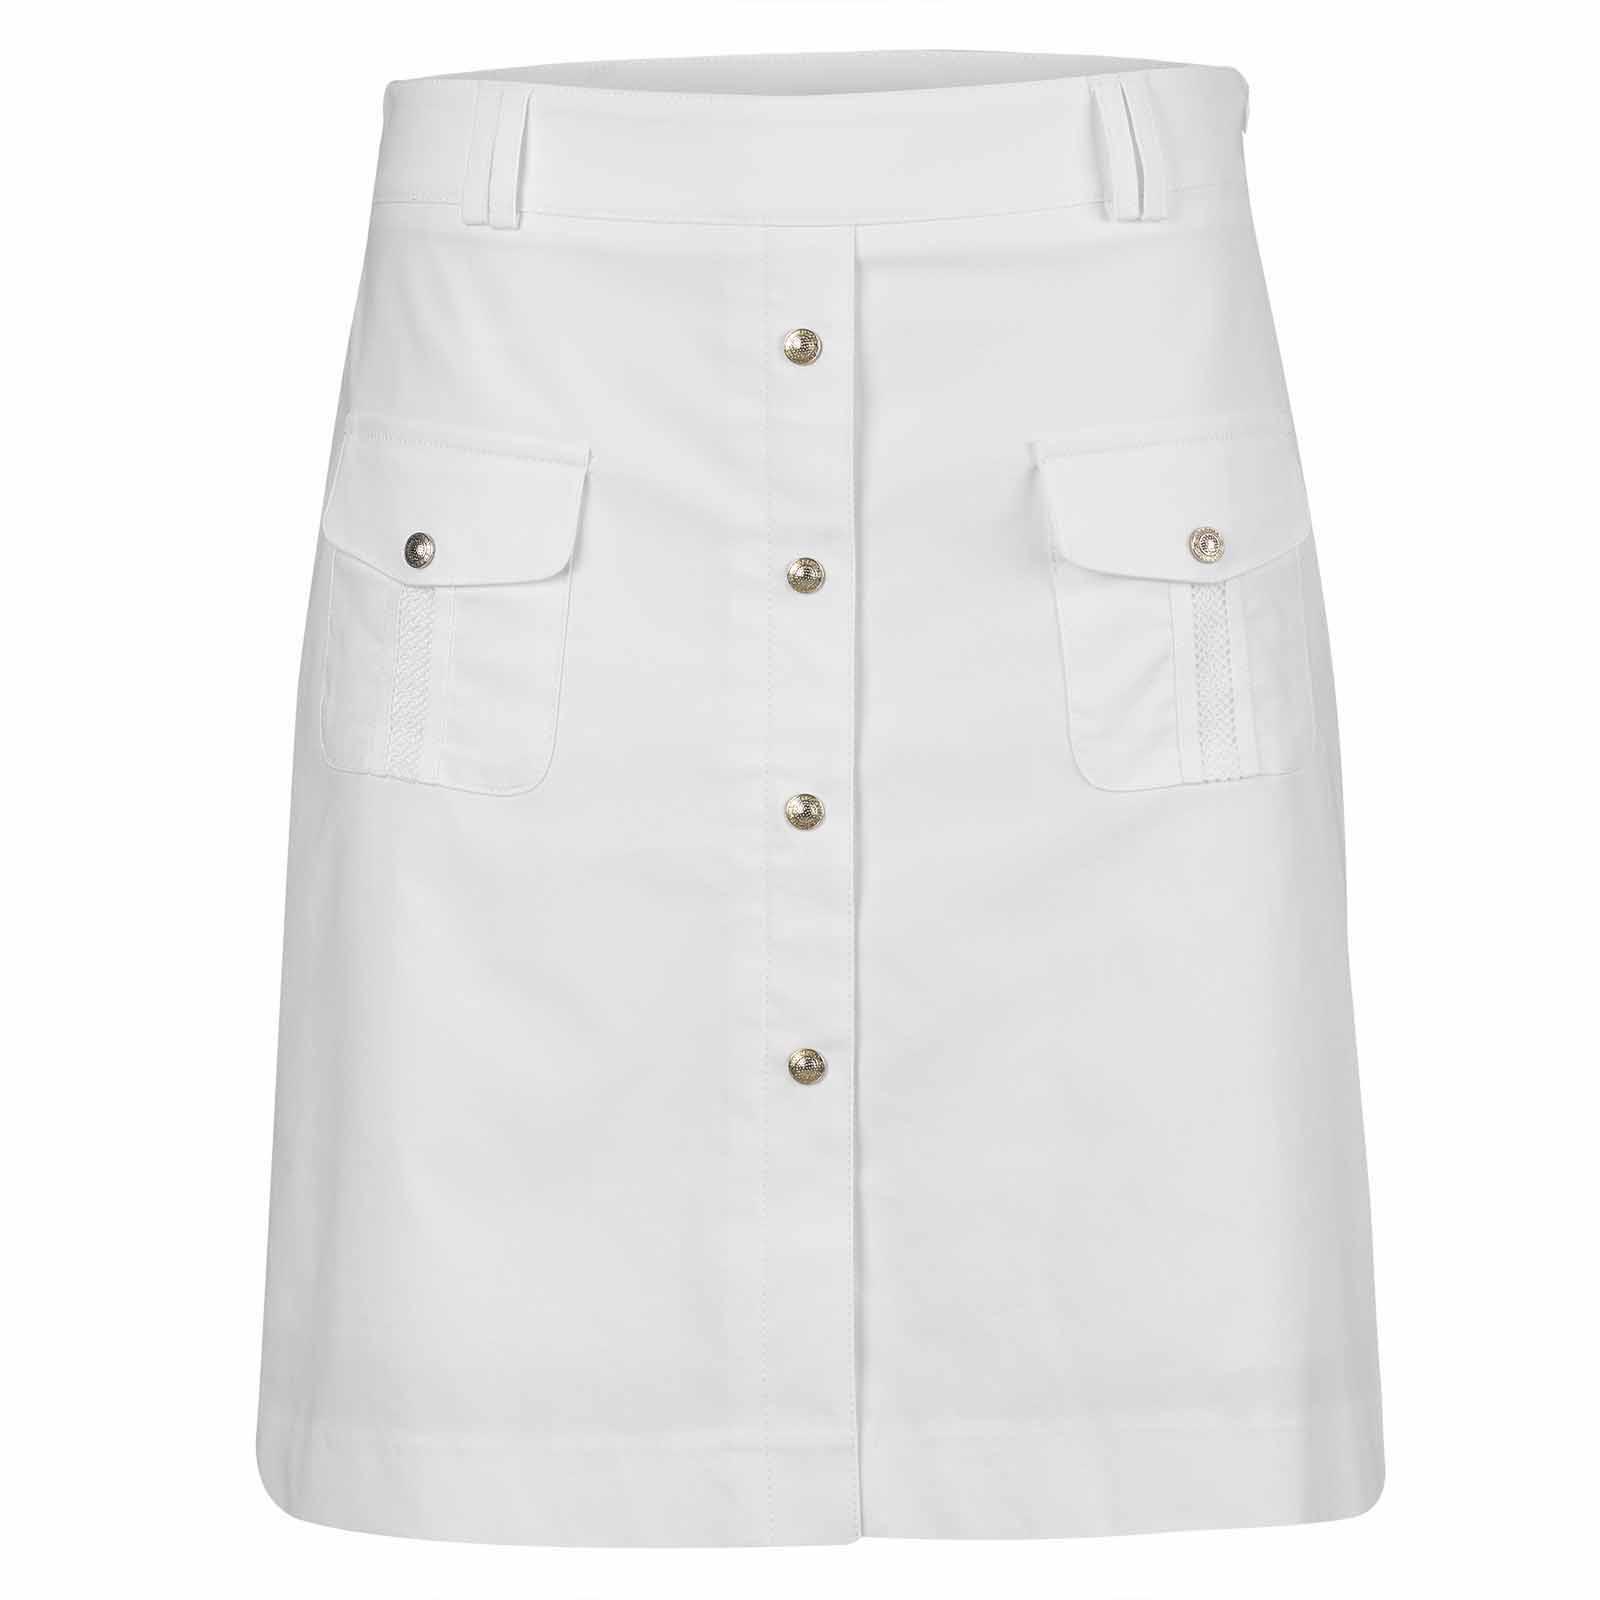 Damen Golfskort lang mit Sonnenschutz und Extra Stretch Komfort